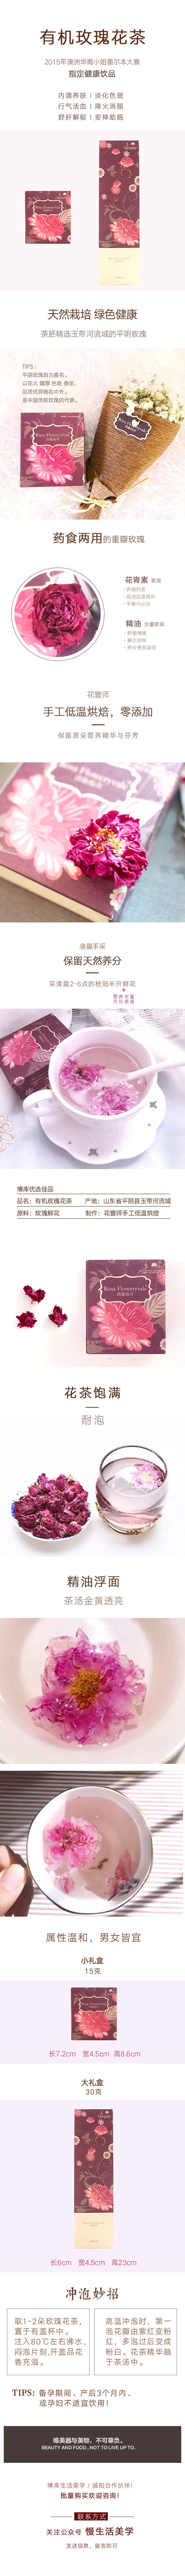 20170831洛施玫瑰花茶.jpg